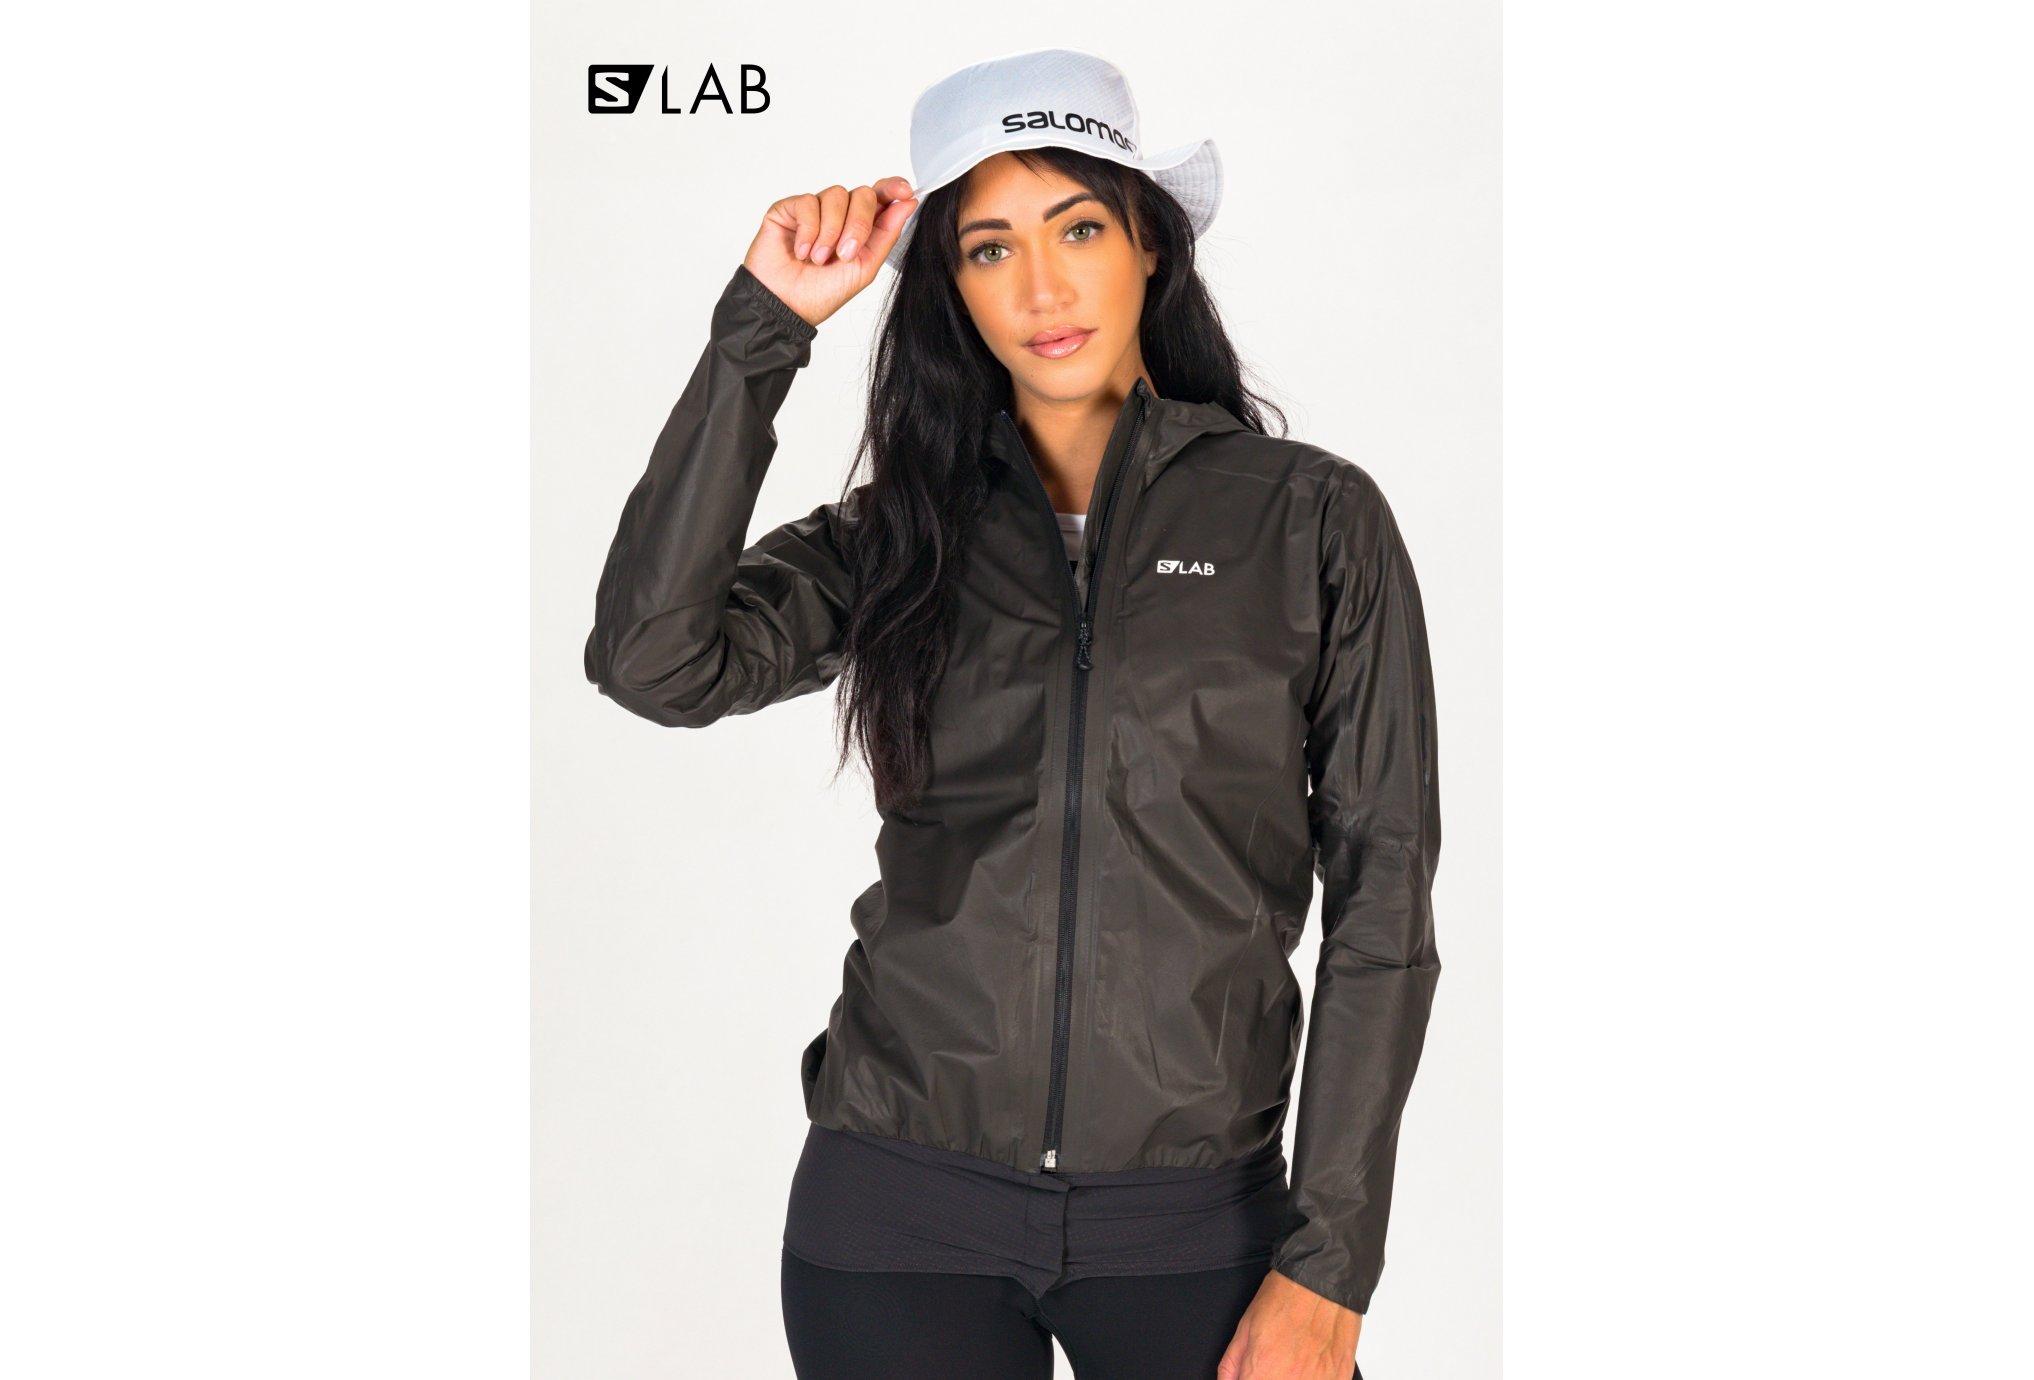 Salomon S-Lab MotionFit 360 Gore-Tex W vêtement running femme